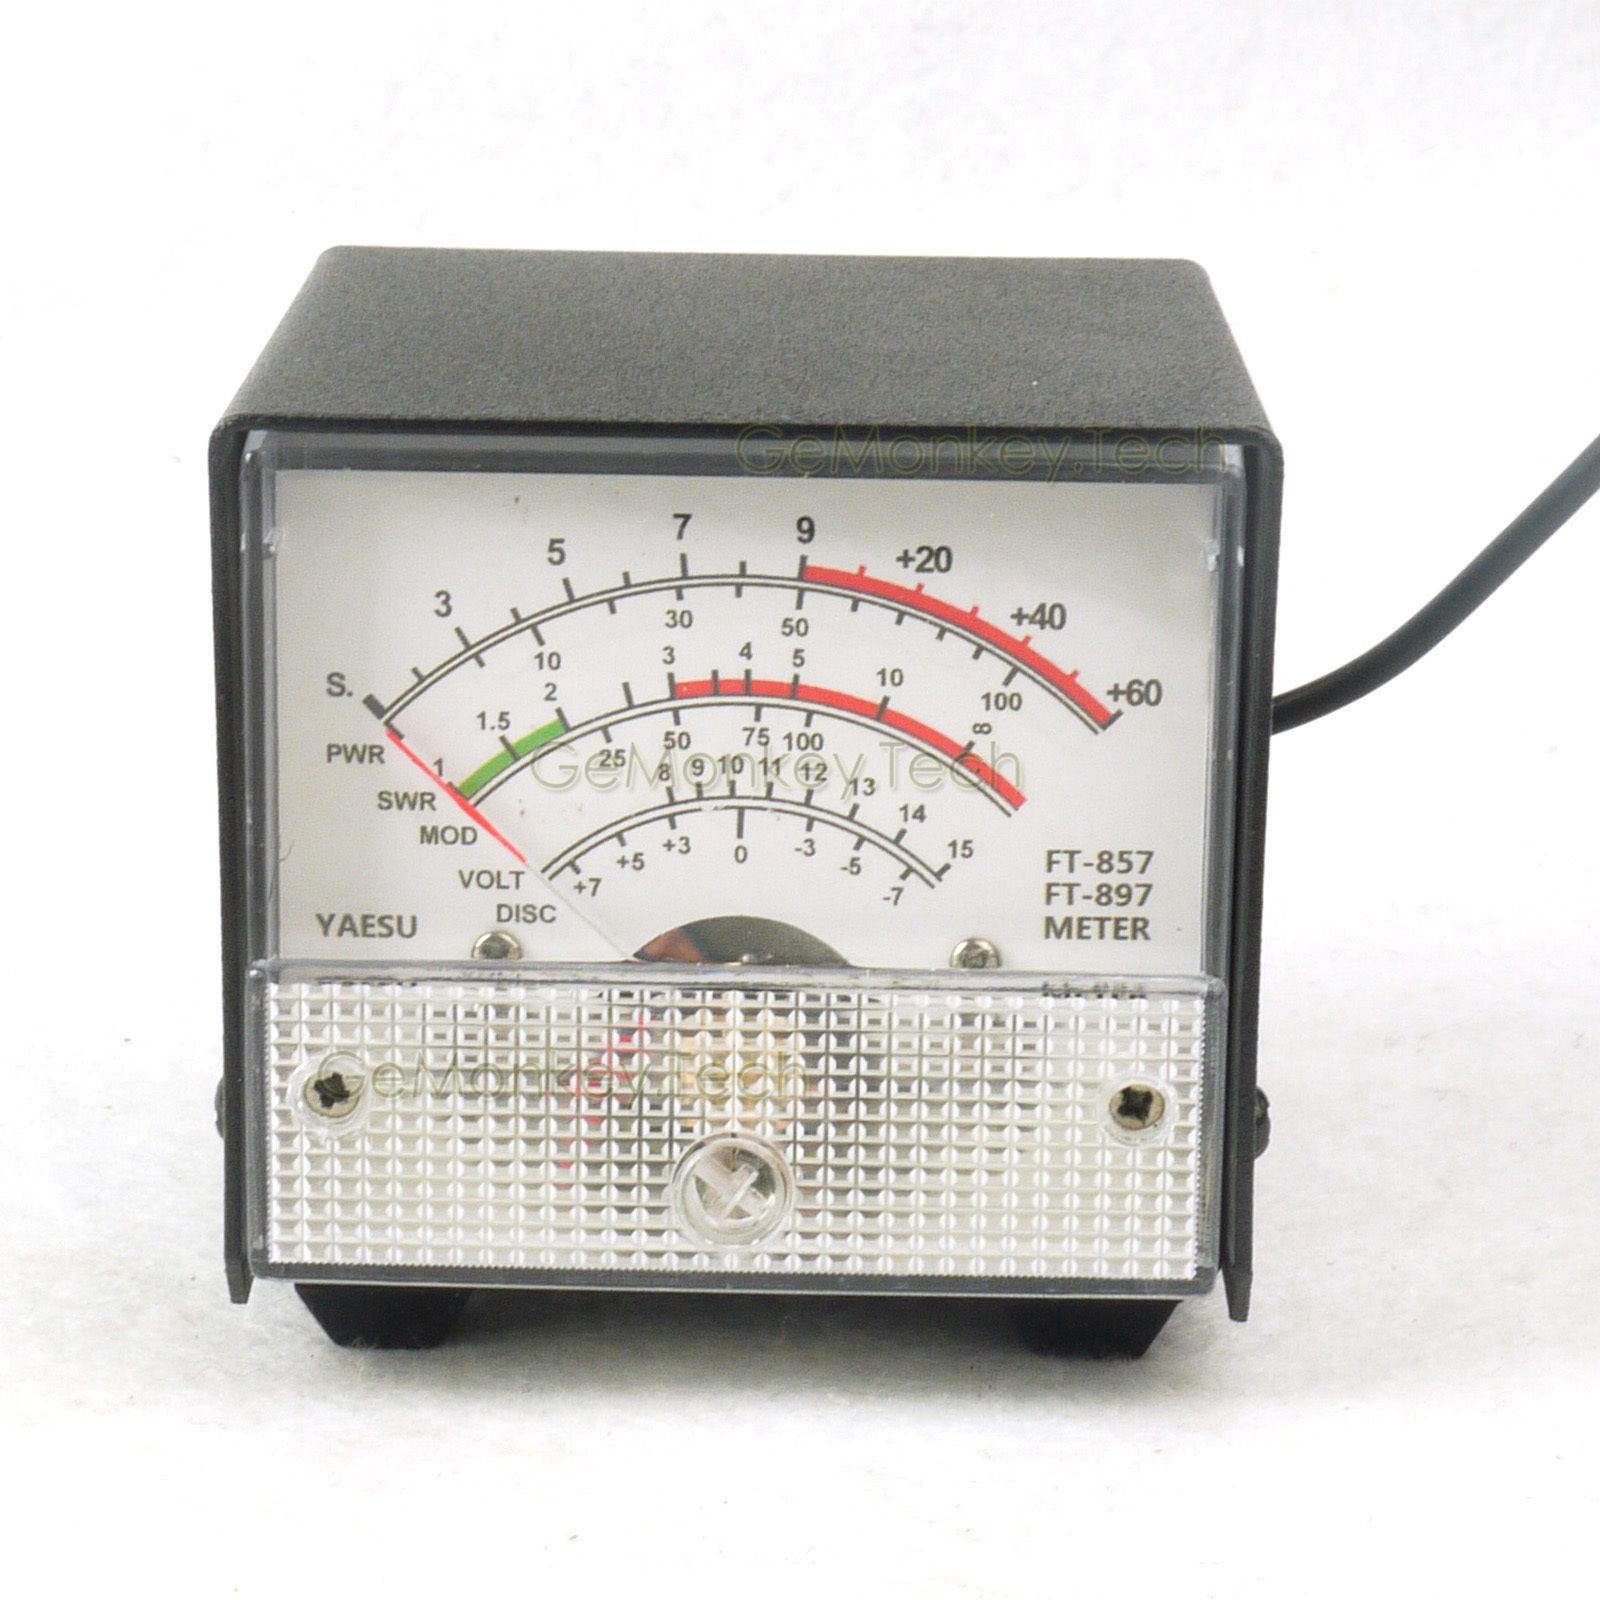 External S Meter Swr Power Meter Receive Display Meter